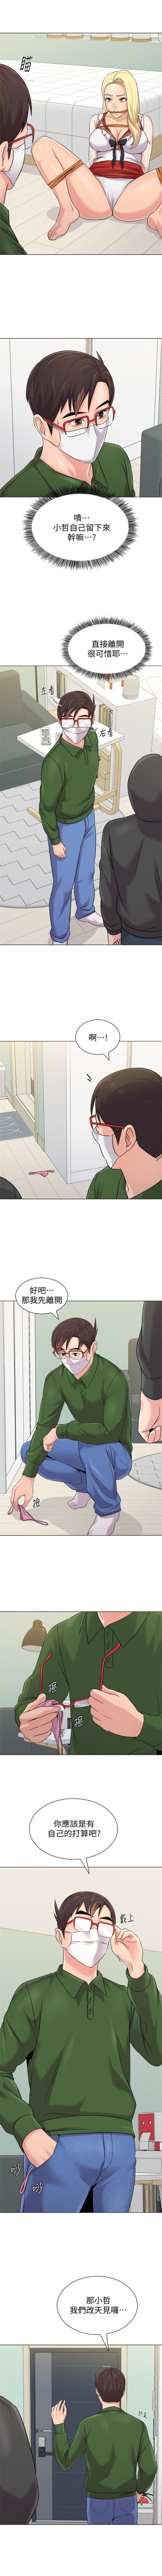 老師 1-80 官方中文(連載中) 489